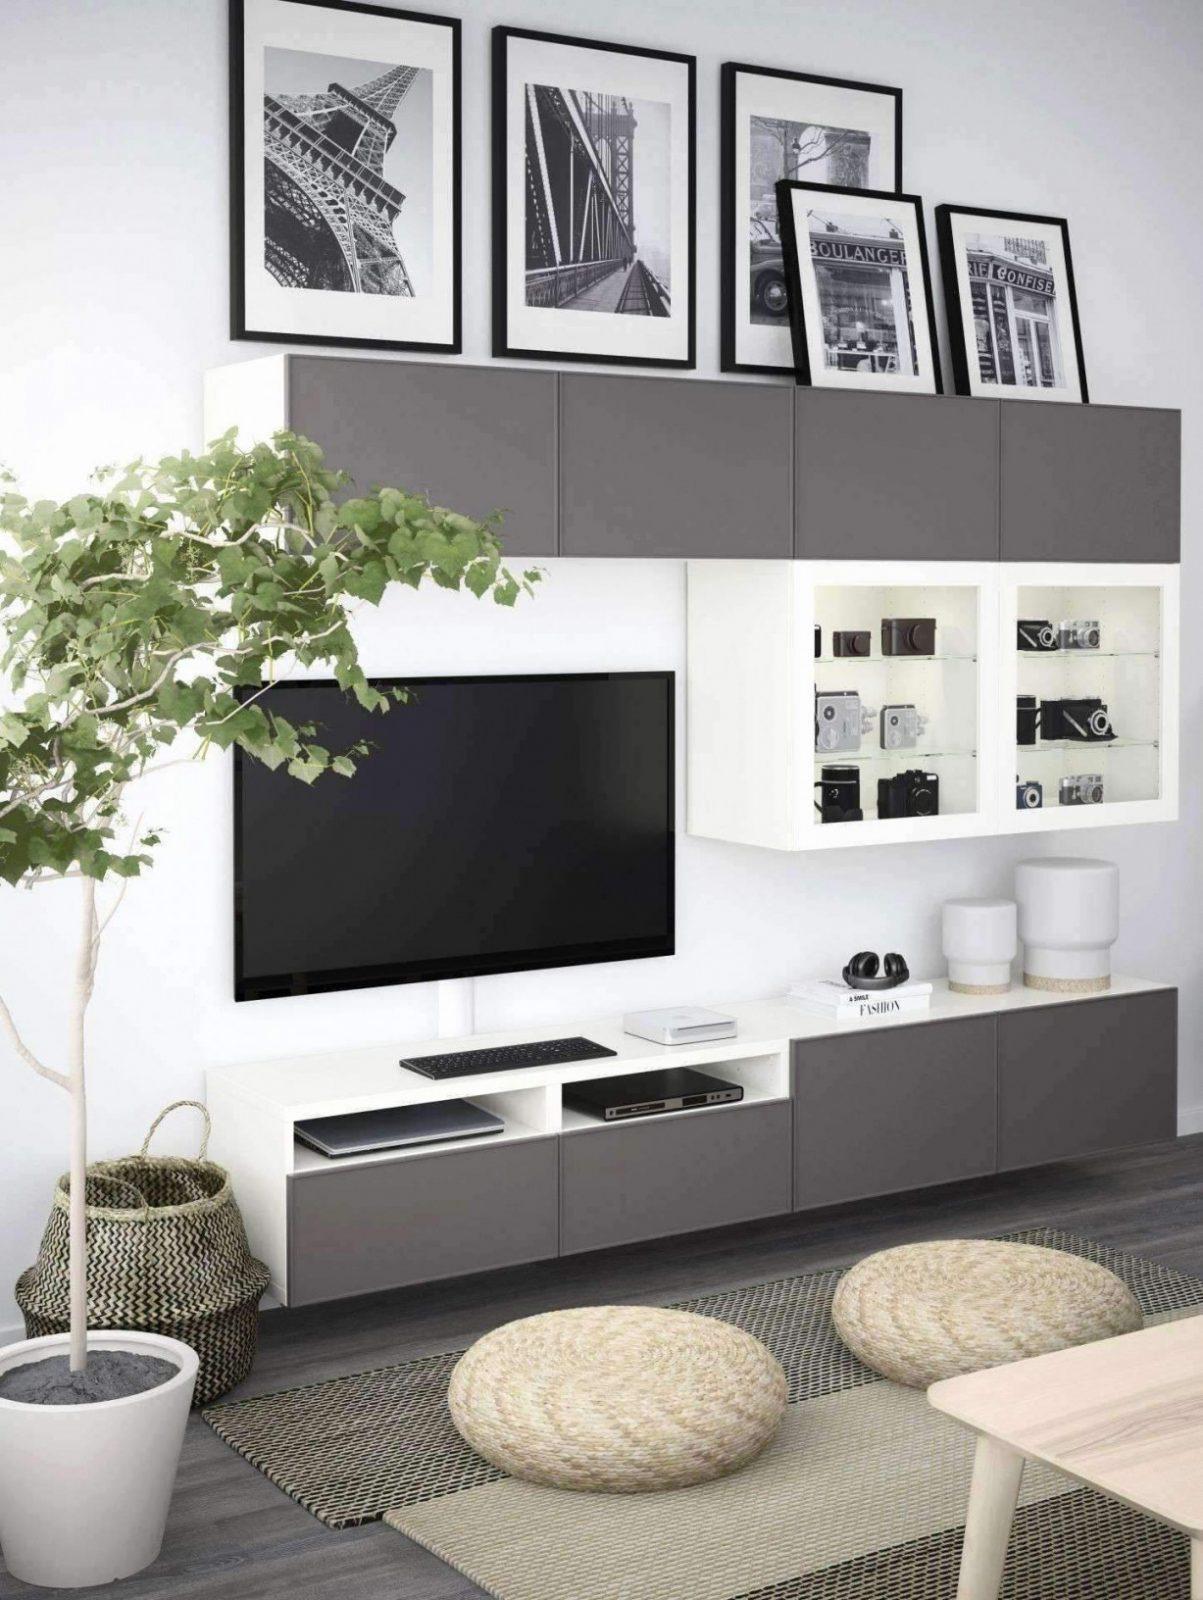 Einzigartig Moderner Landhausstil Wohnzimmer von Moderner Landhausstil Dekoration Bild